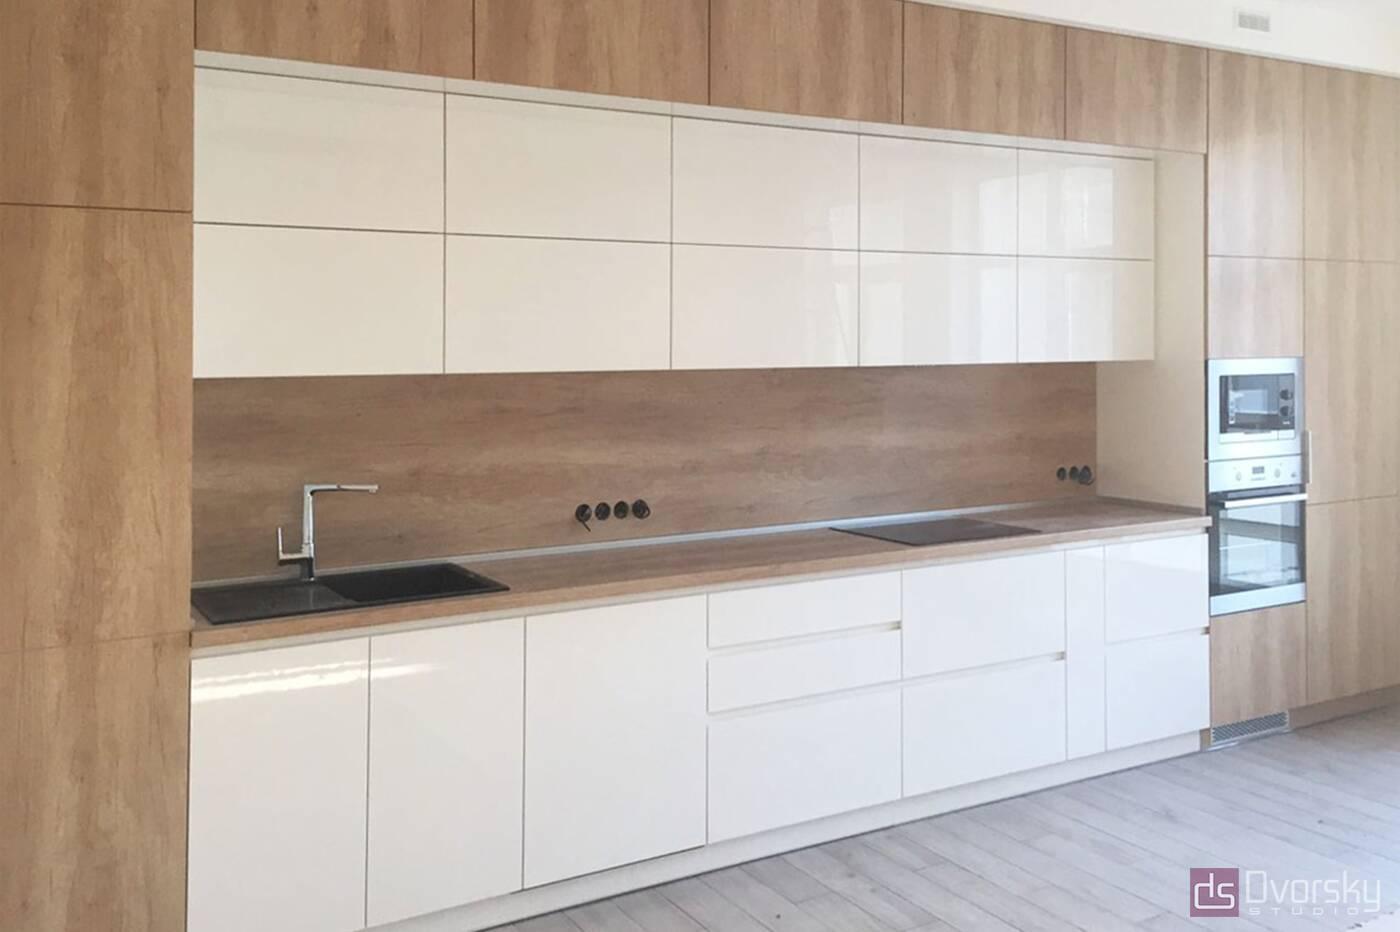 Прямые кухни Кухня Blum белая - Фото № 1